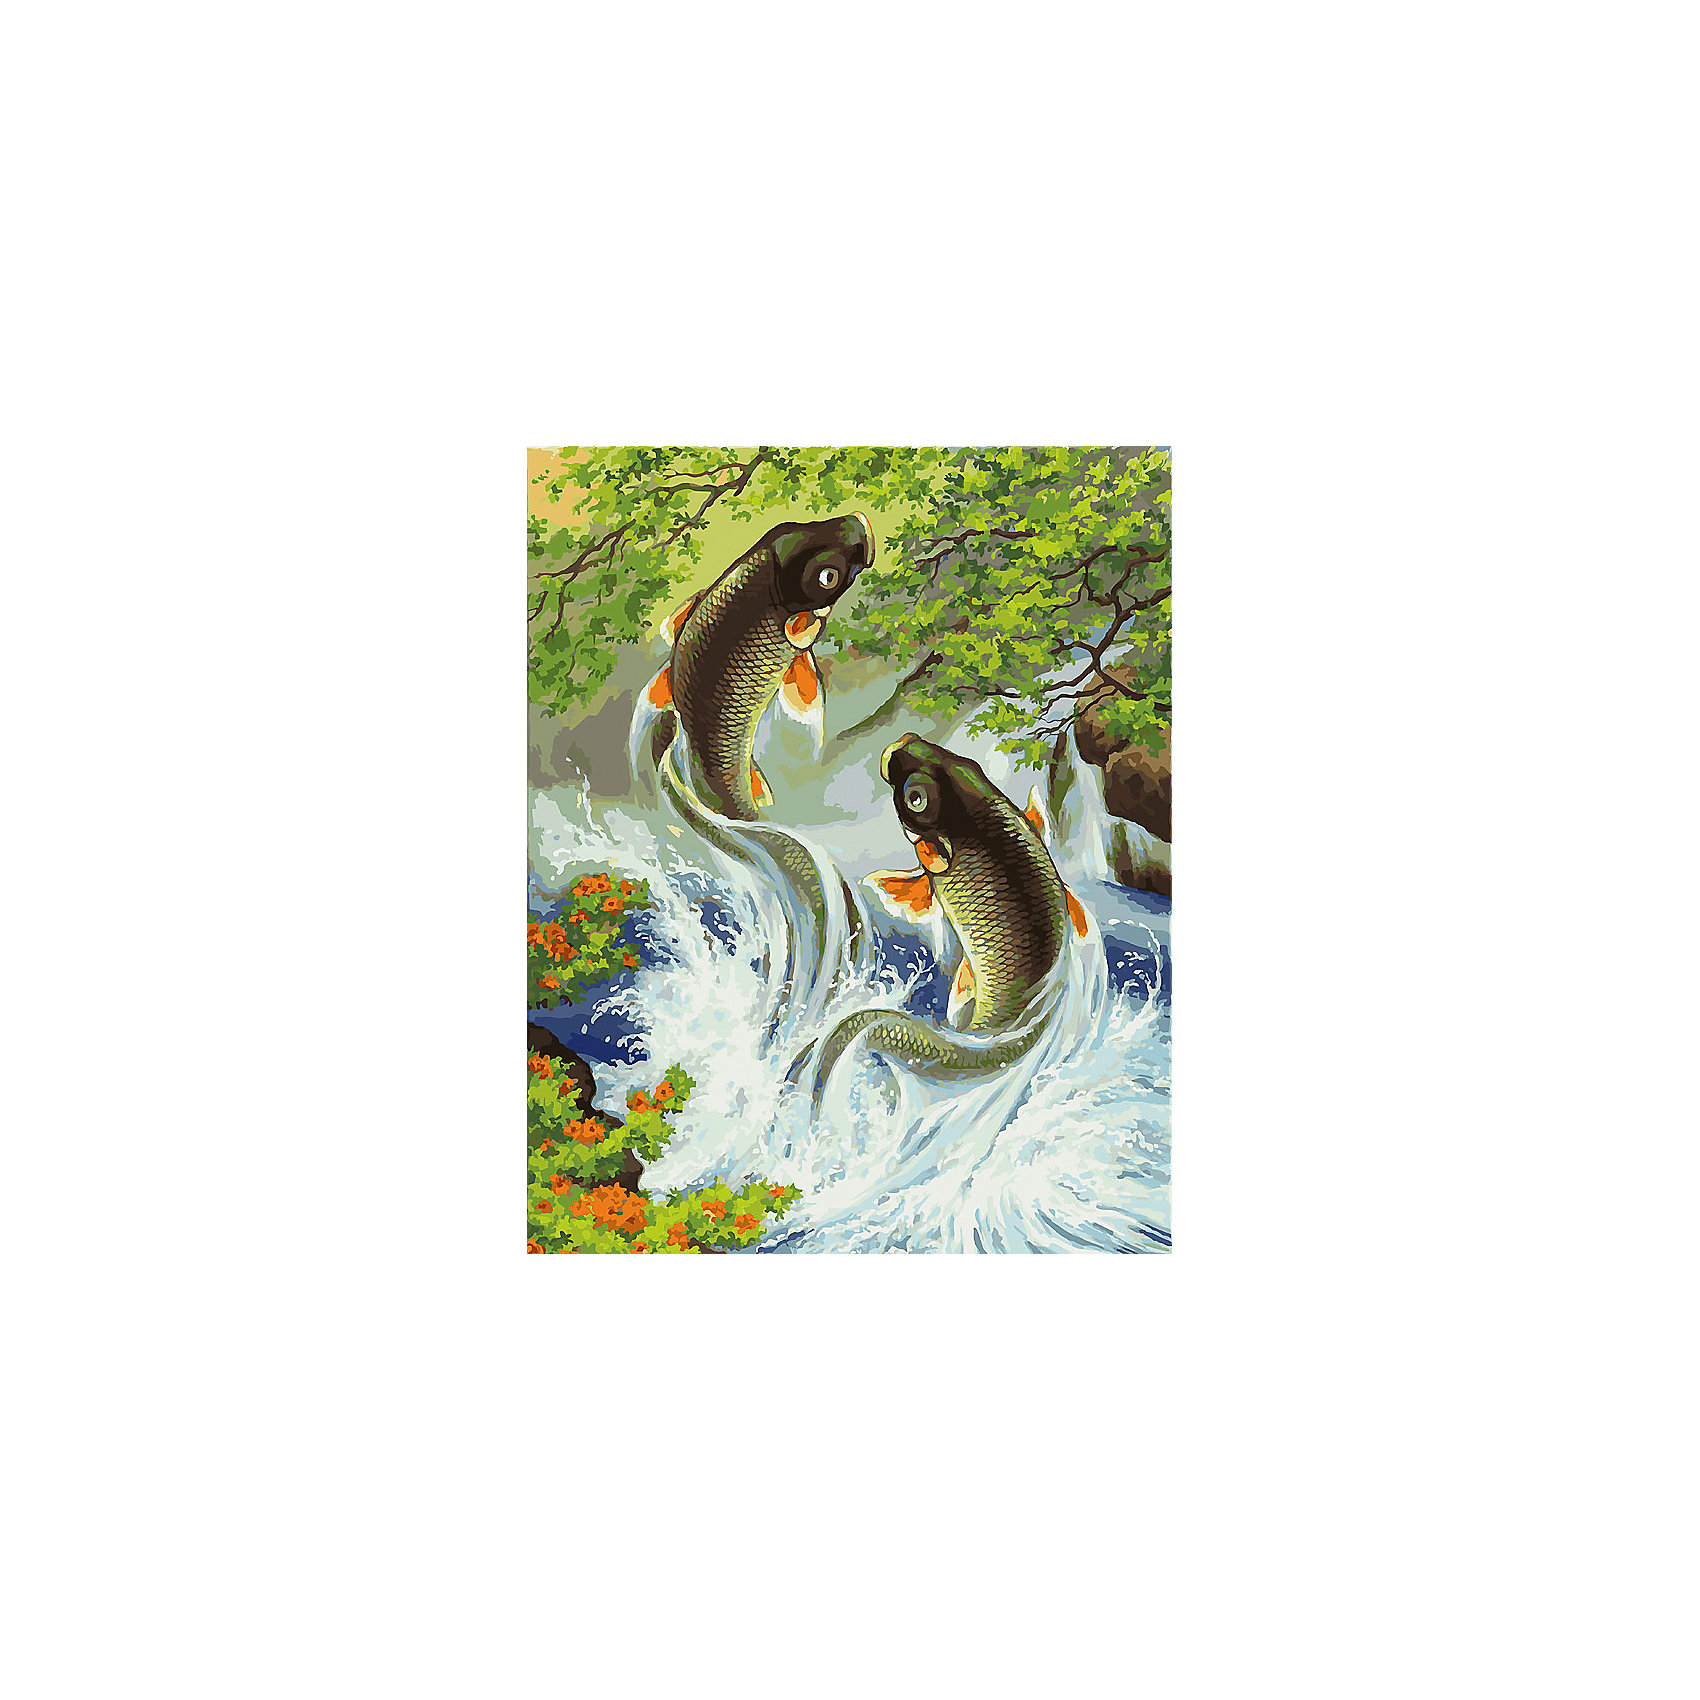 Белоснежка Живопись на холсте 40*50 см Прыгающие карпы